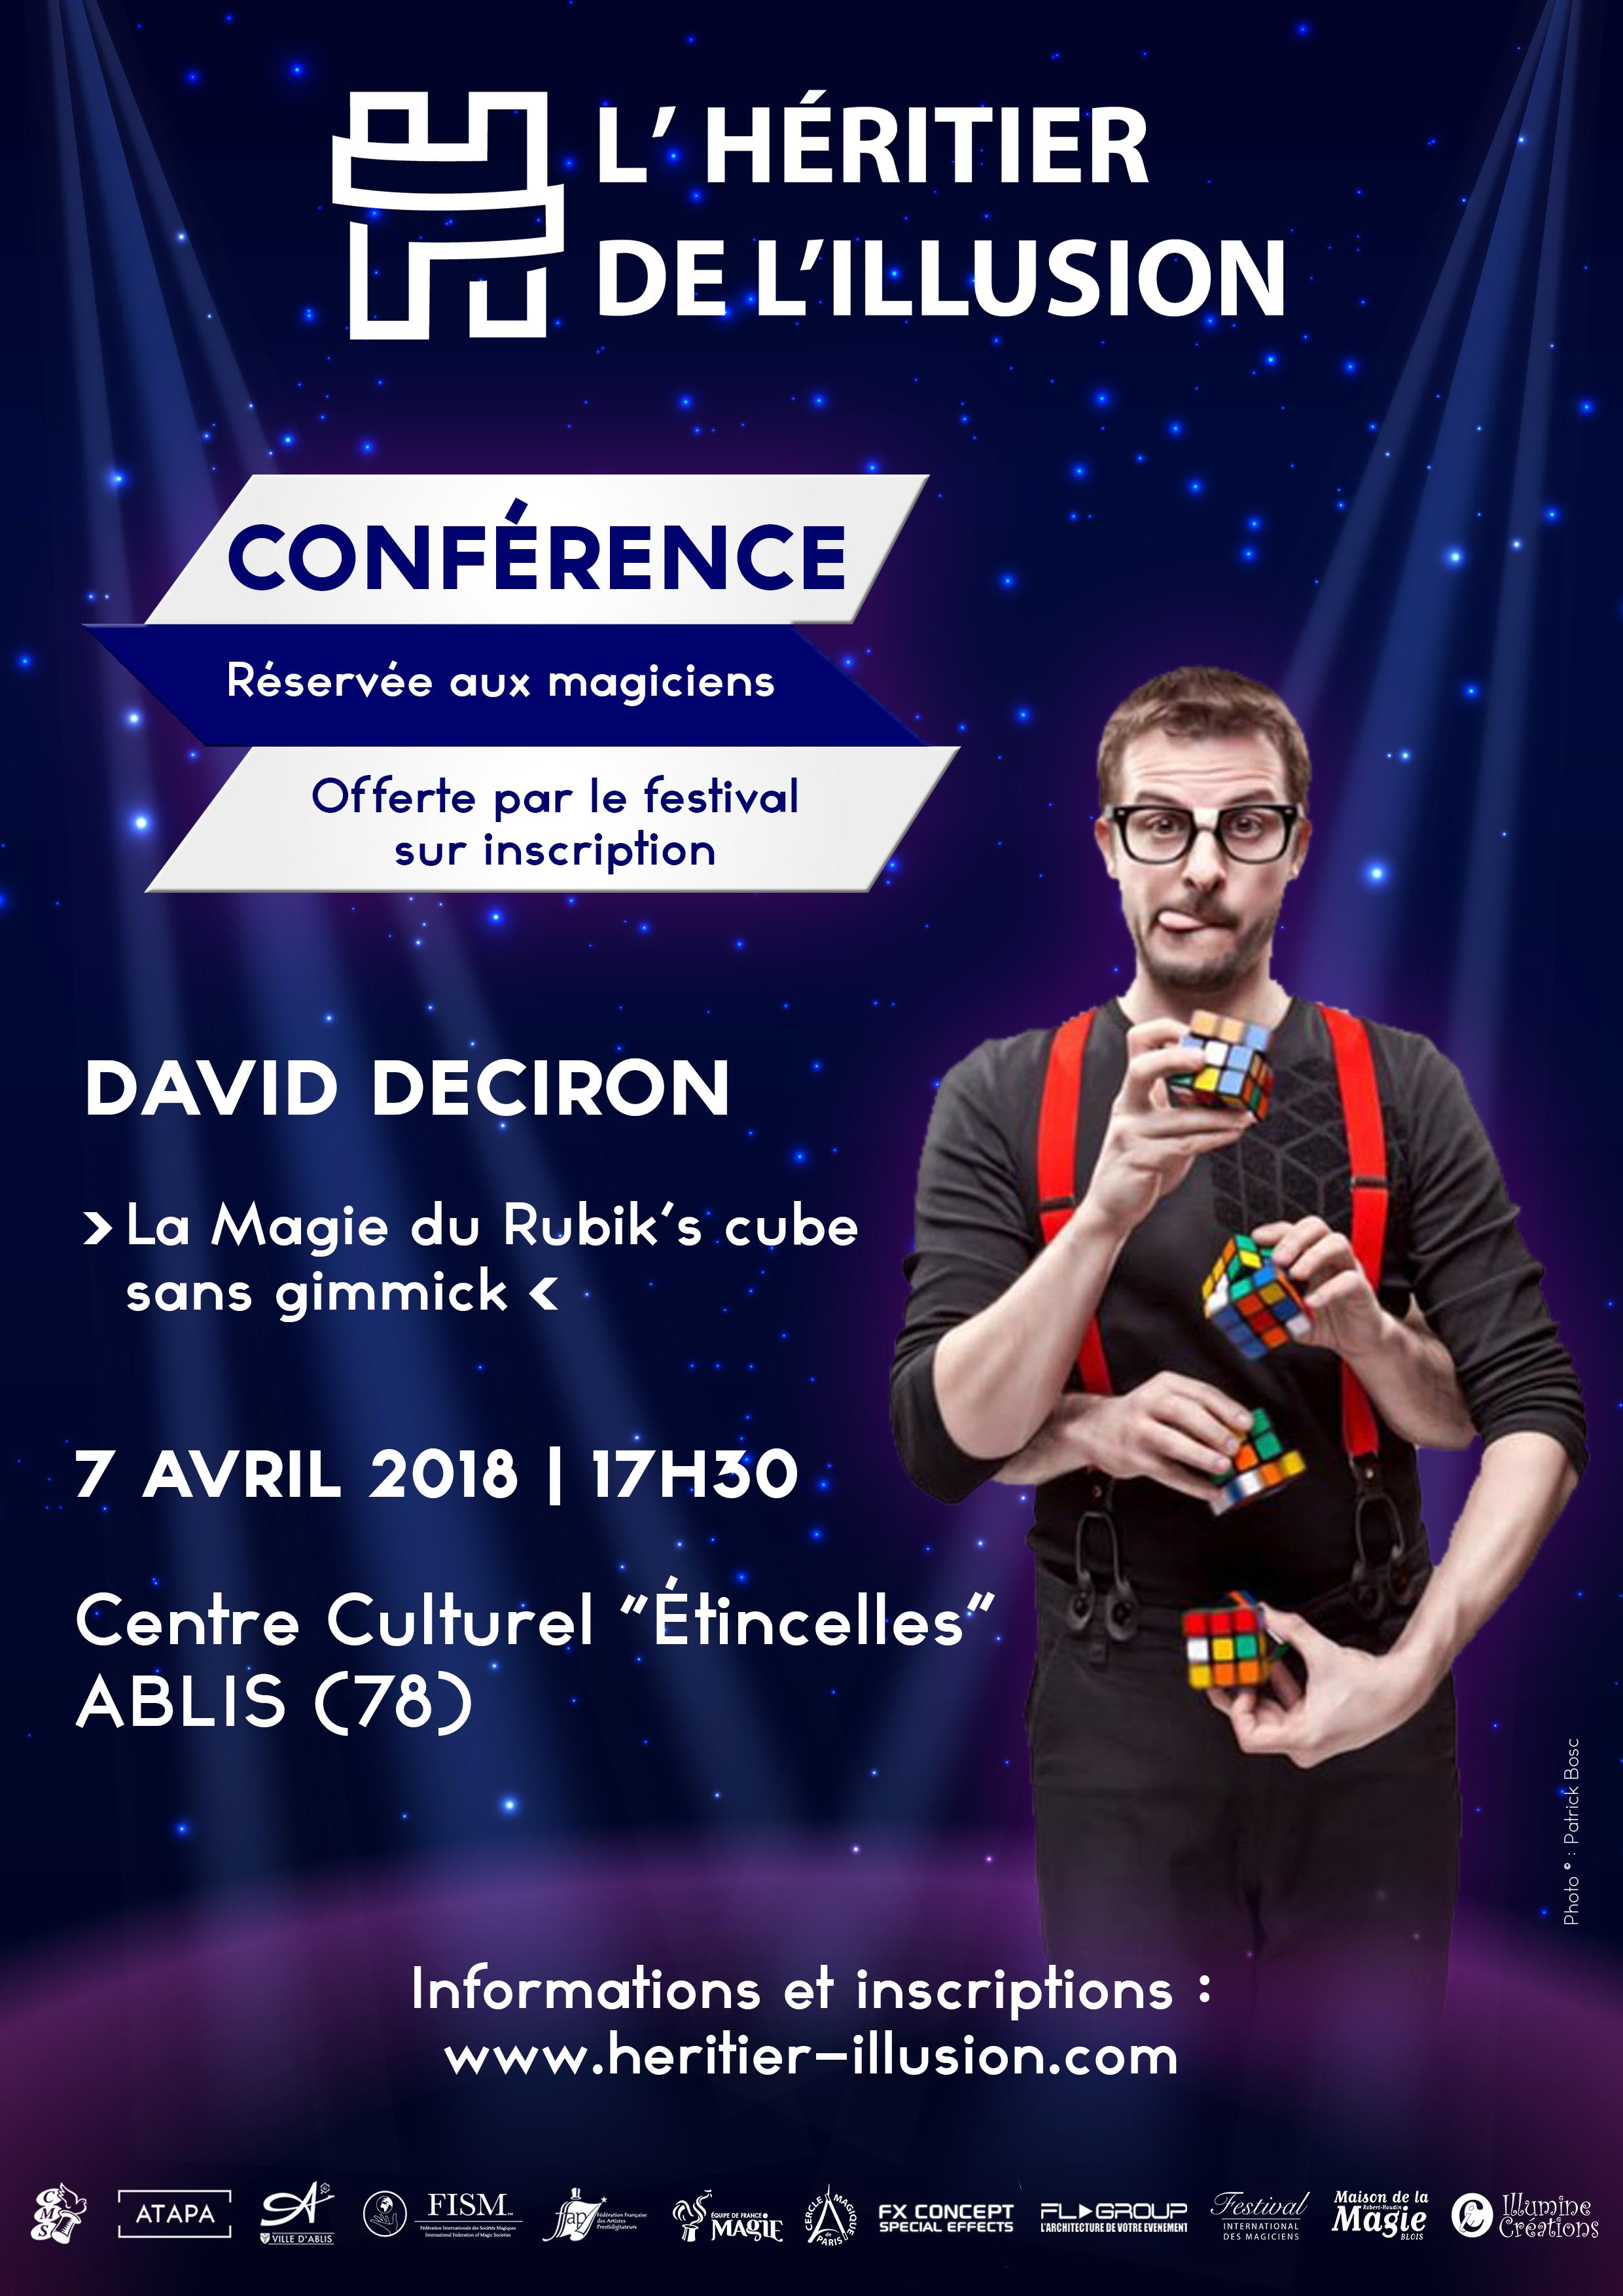 Conférence La Magie du Rubik's Cube sans gimmick de David Deciron - L'Héritier de l'Illusion